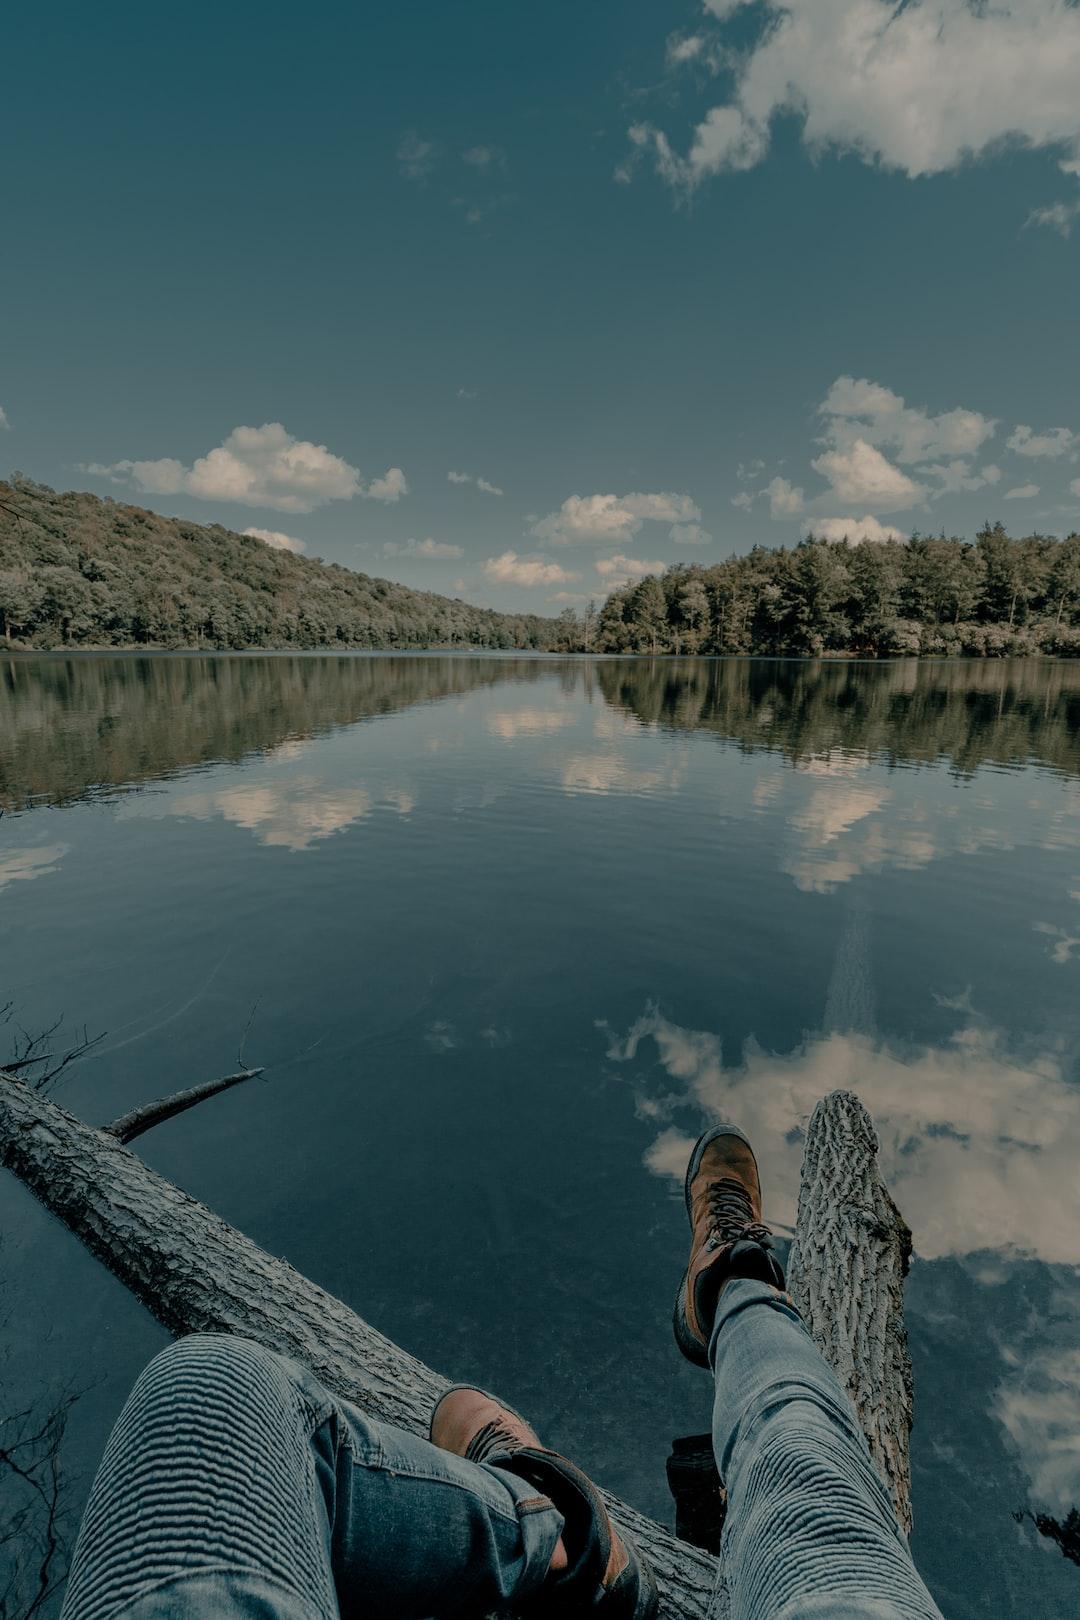 Lake Life (IG: @clay.banks)